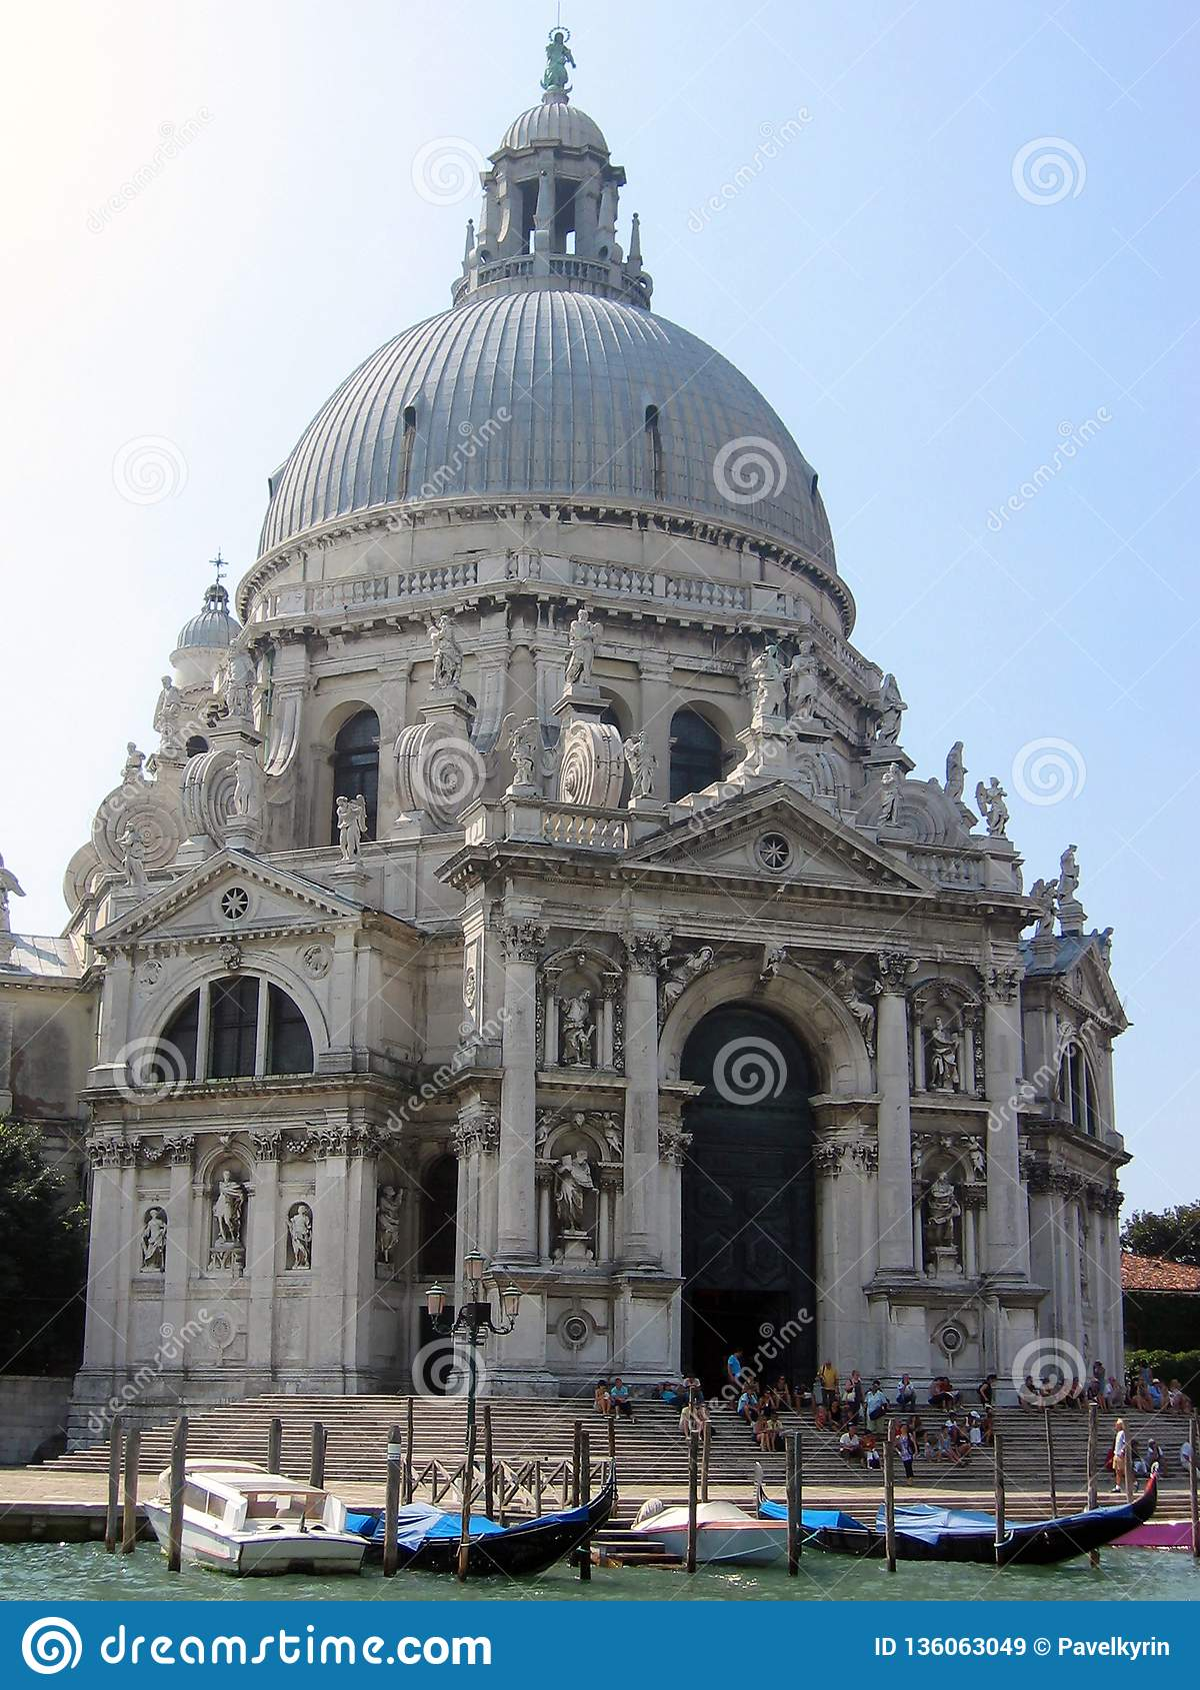 View of Santa Maria della Salute